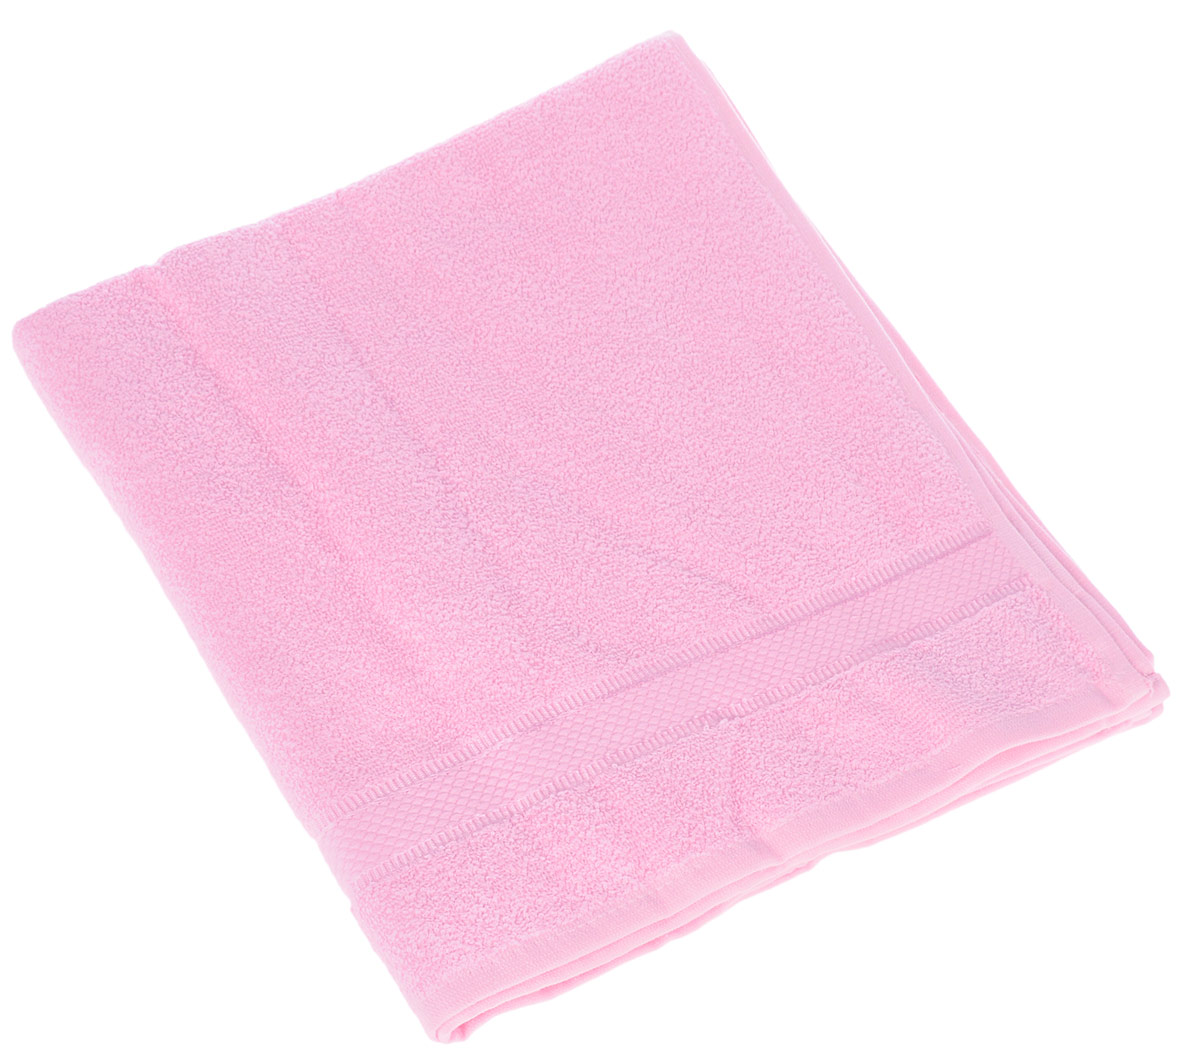 Полотенце Brielle Basic, цвет: розовый, 70 х 140 см68/5/1Полотенце Brielle Basic выполнено из натурального хлопка.Изделие очень мягкое, оно отлично впитывает влагу, быстро сохнет, сохраняет яркость цвета и не теряет формы даже после многократных стирок. Полотенце Brielle Basic очень практично и неприхотливо в уходе. Такое полотенце послужит приятным подарком.